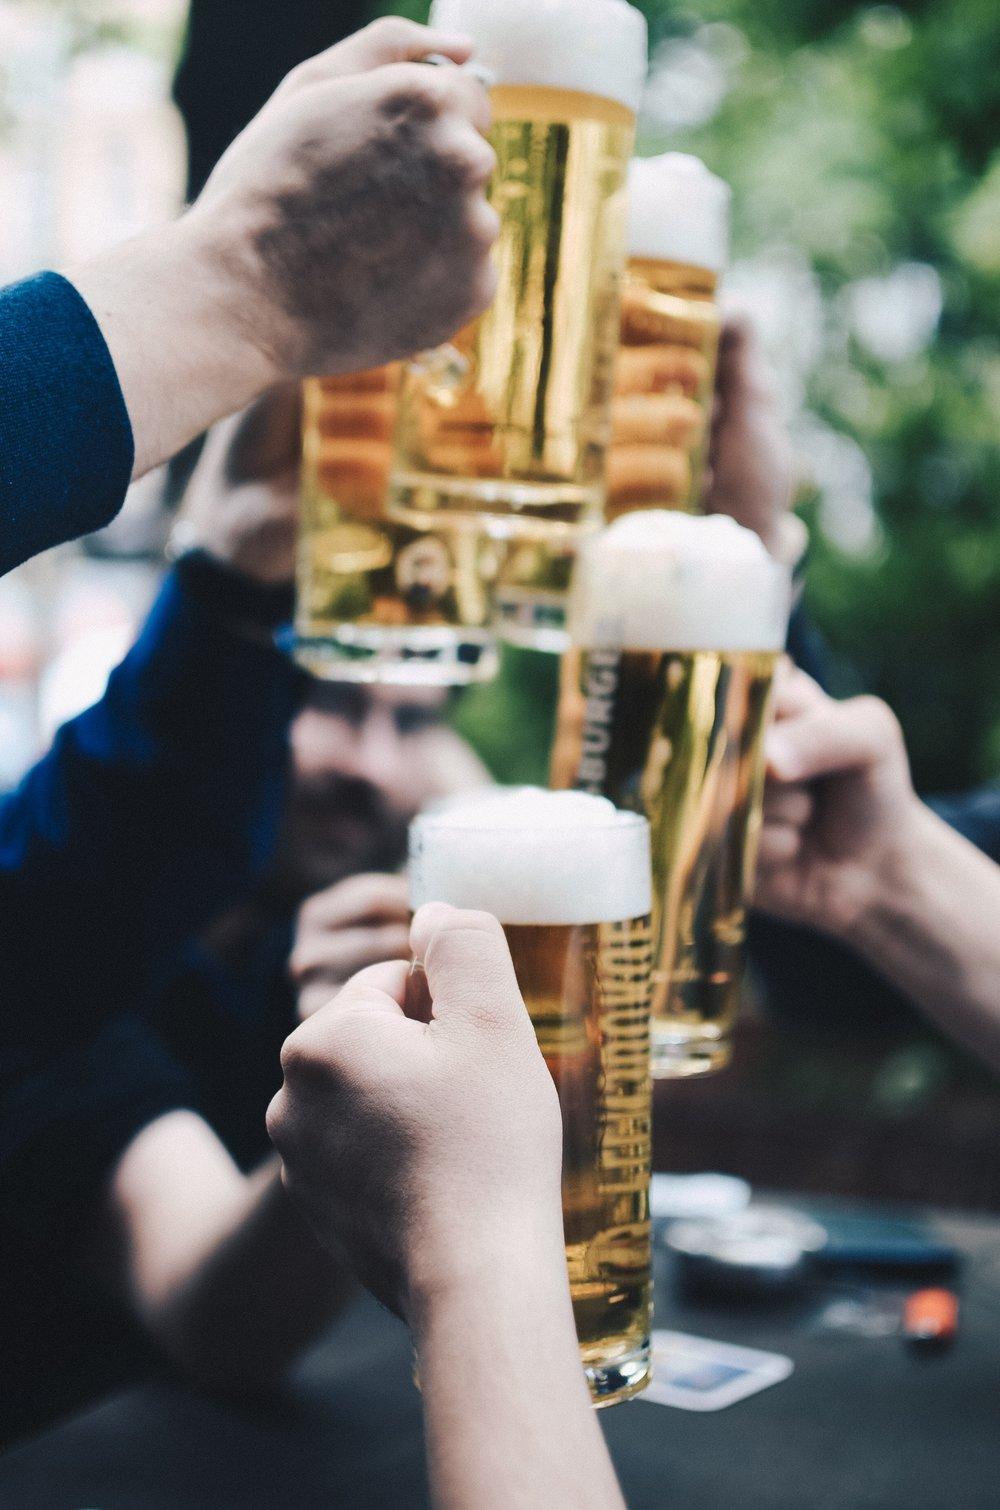 Wine & beer -